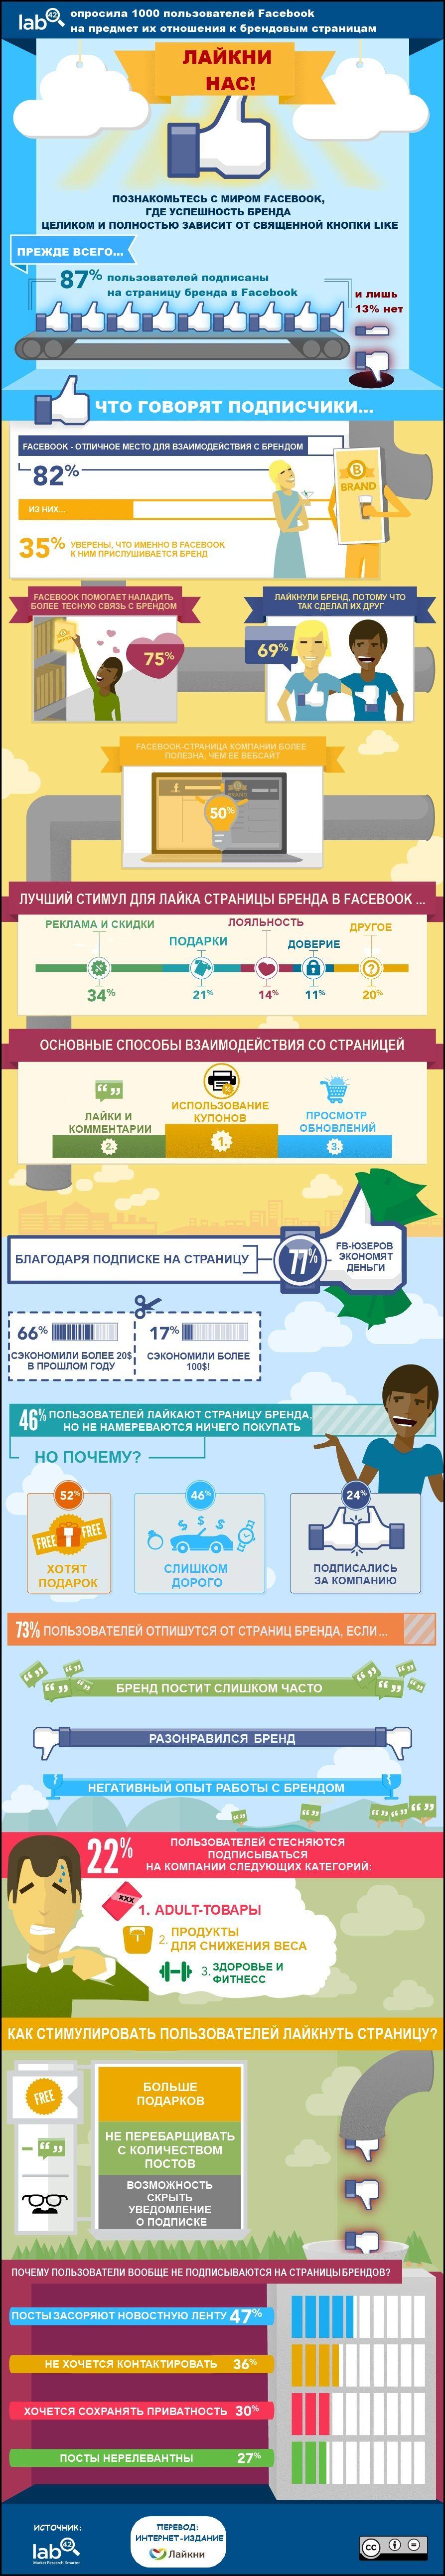 Эту инфографику к себе на сайт